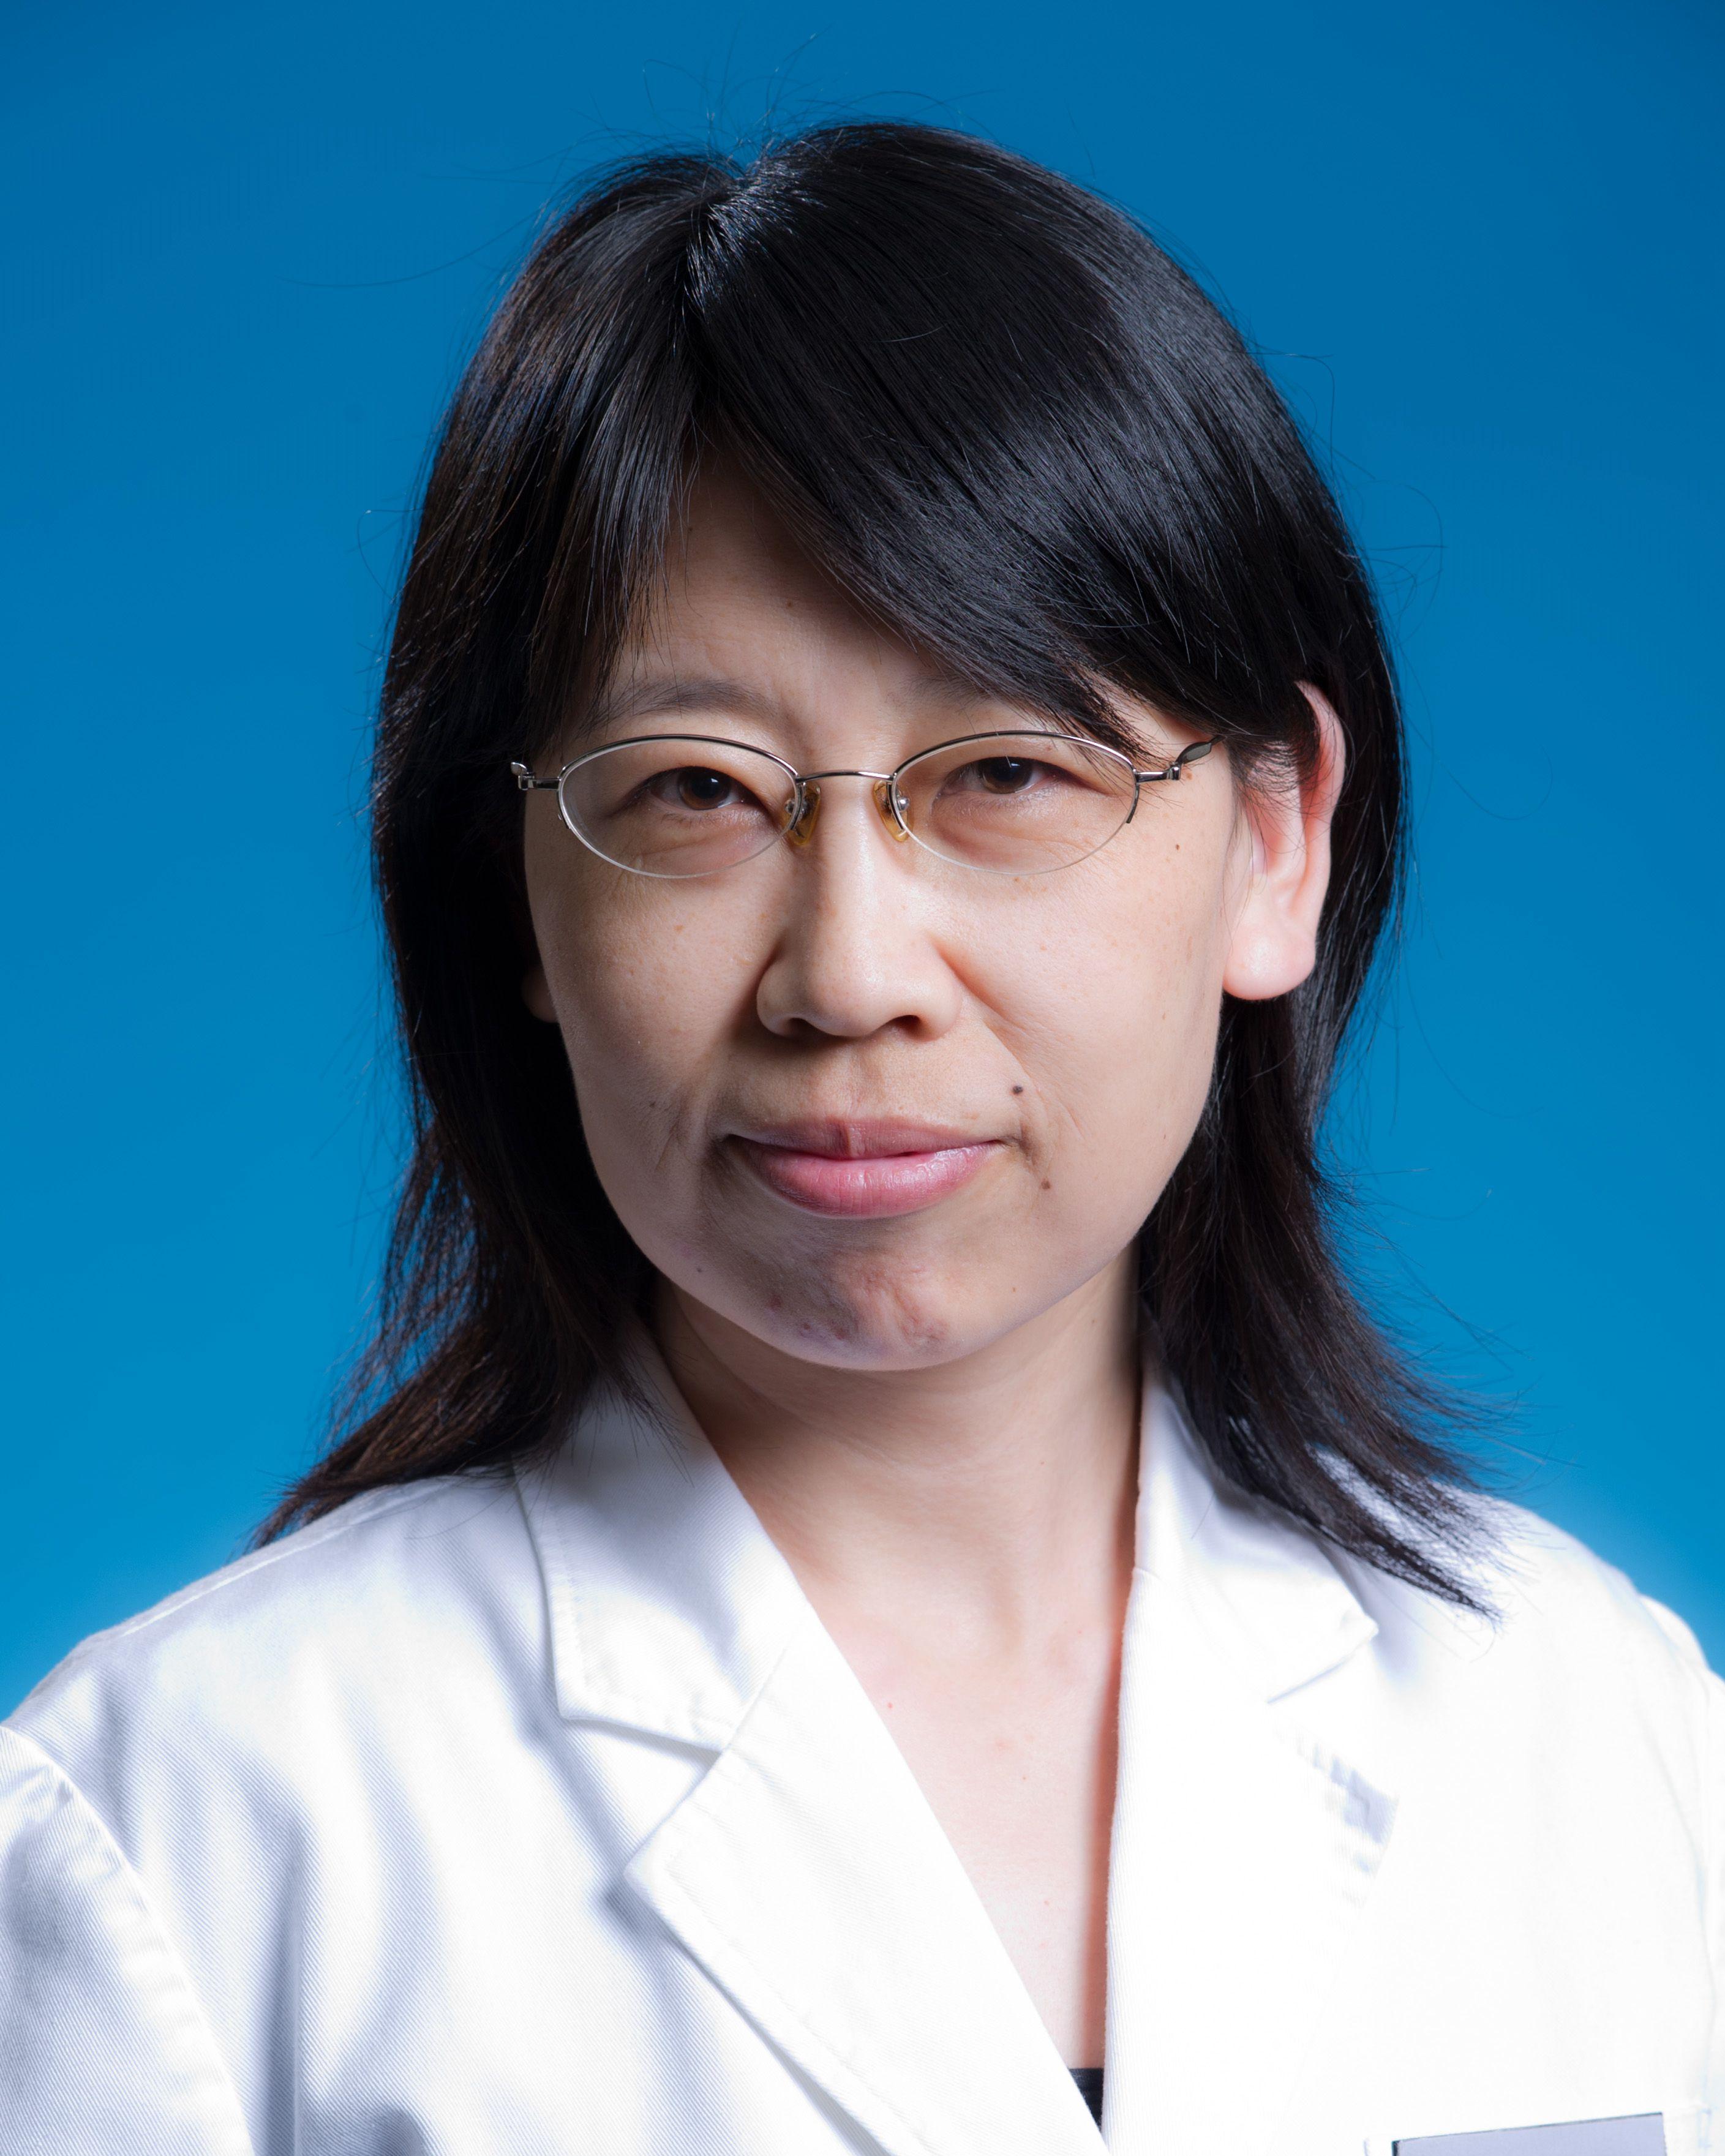 Wang Yurong